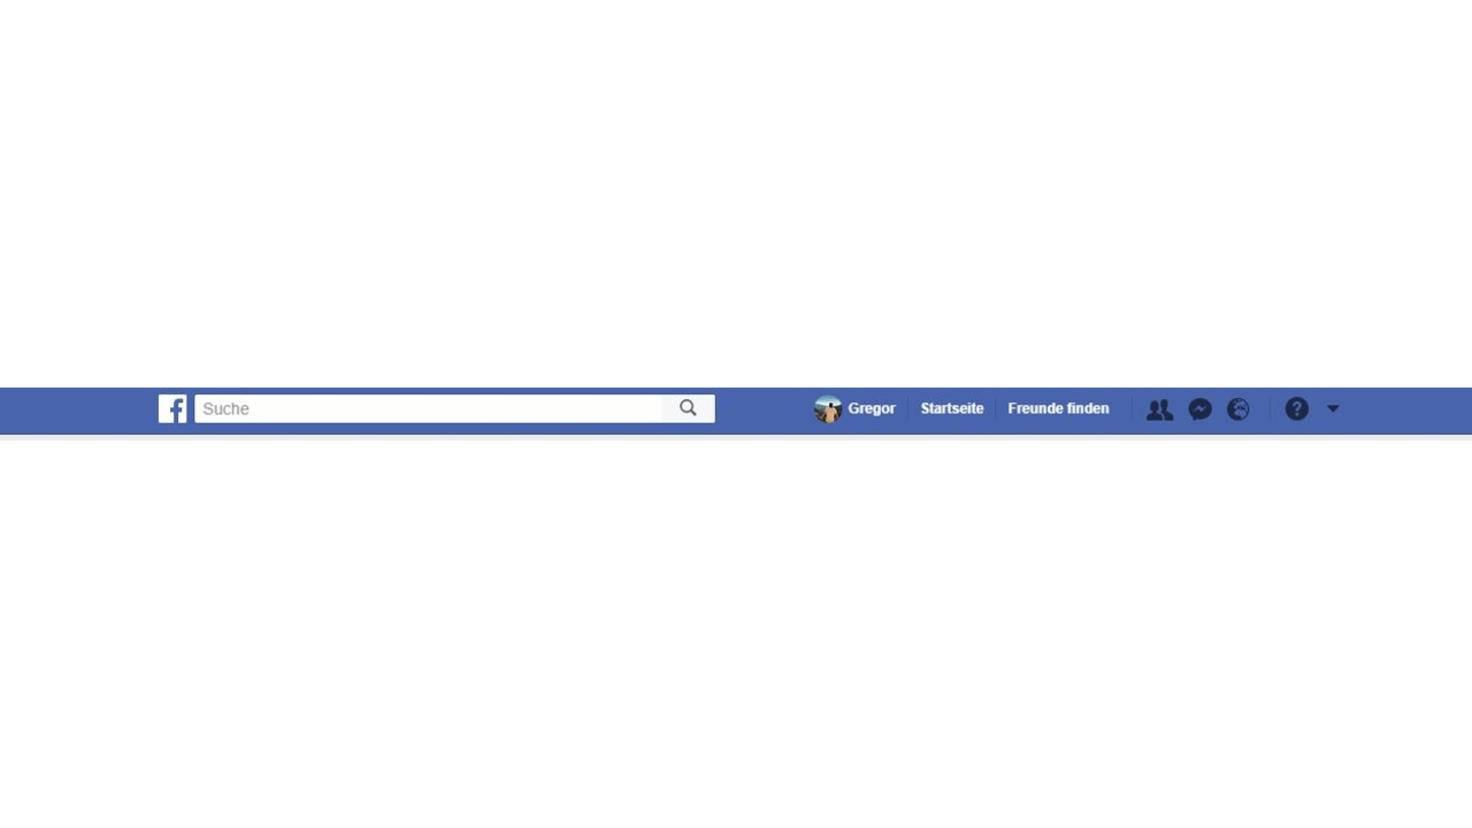 Suchleiste Facebook